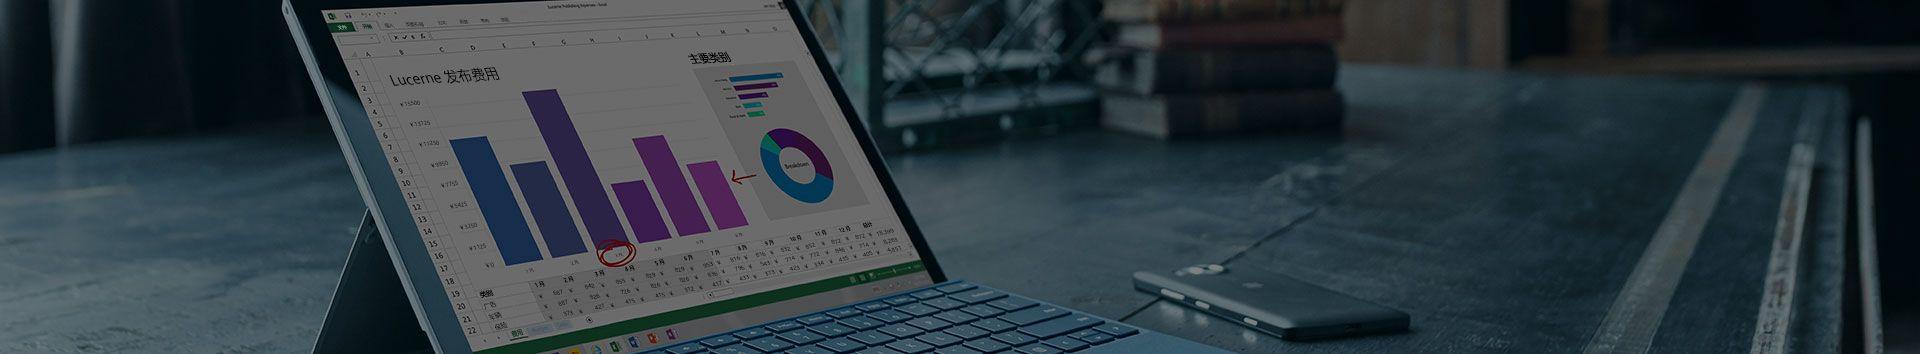 一台通过 Microsoft Excel 图像显示费用报表的 Microsoft Surface 平板电脑